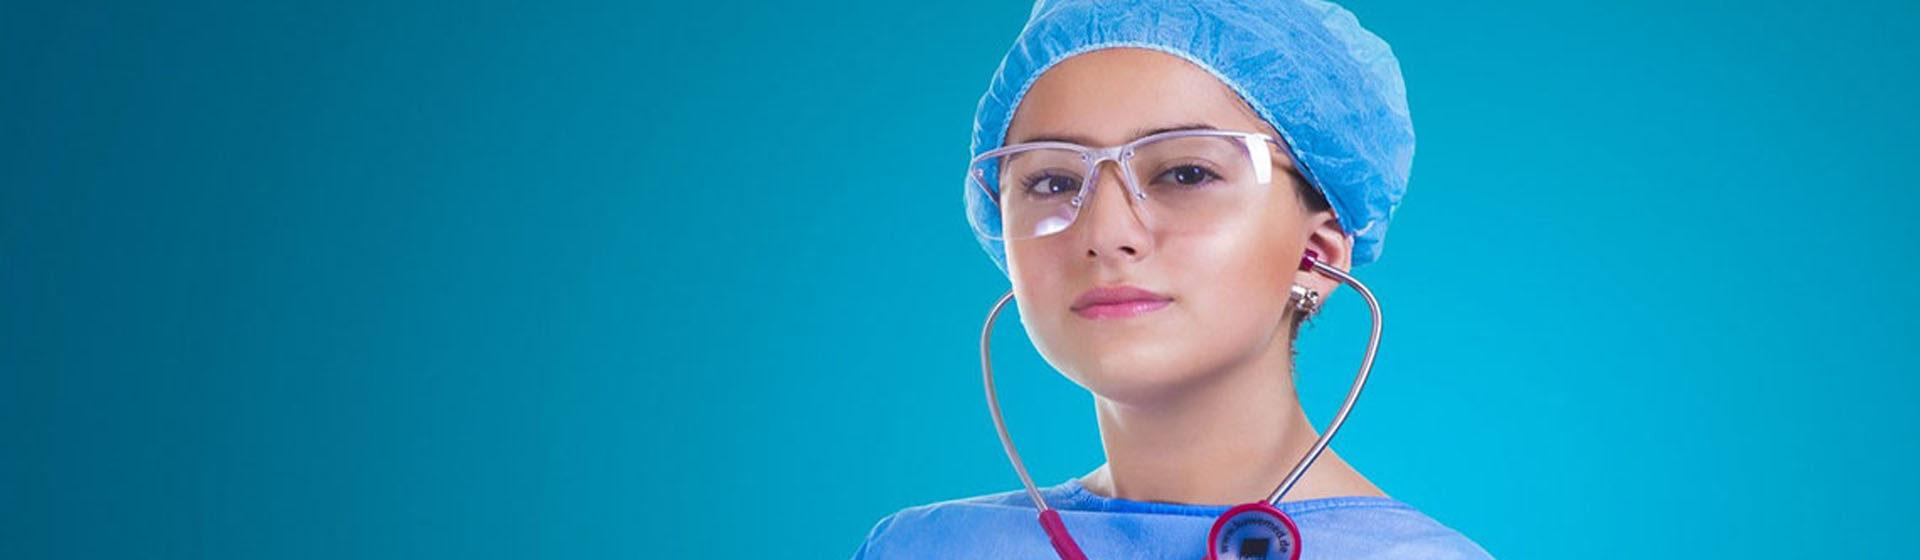 Radiologica dentale S.r.l.